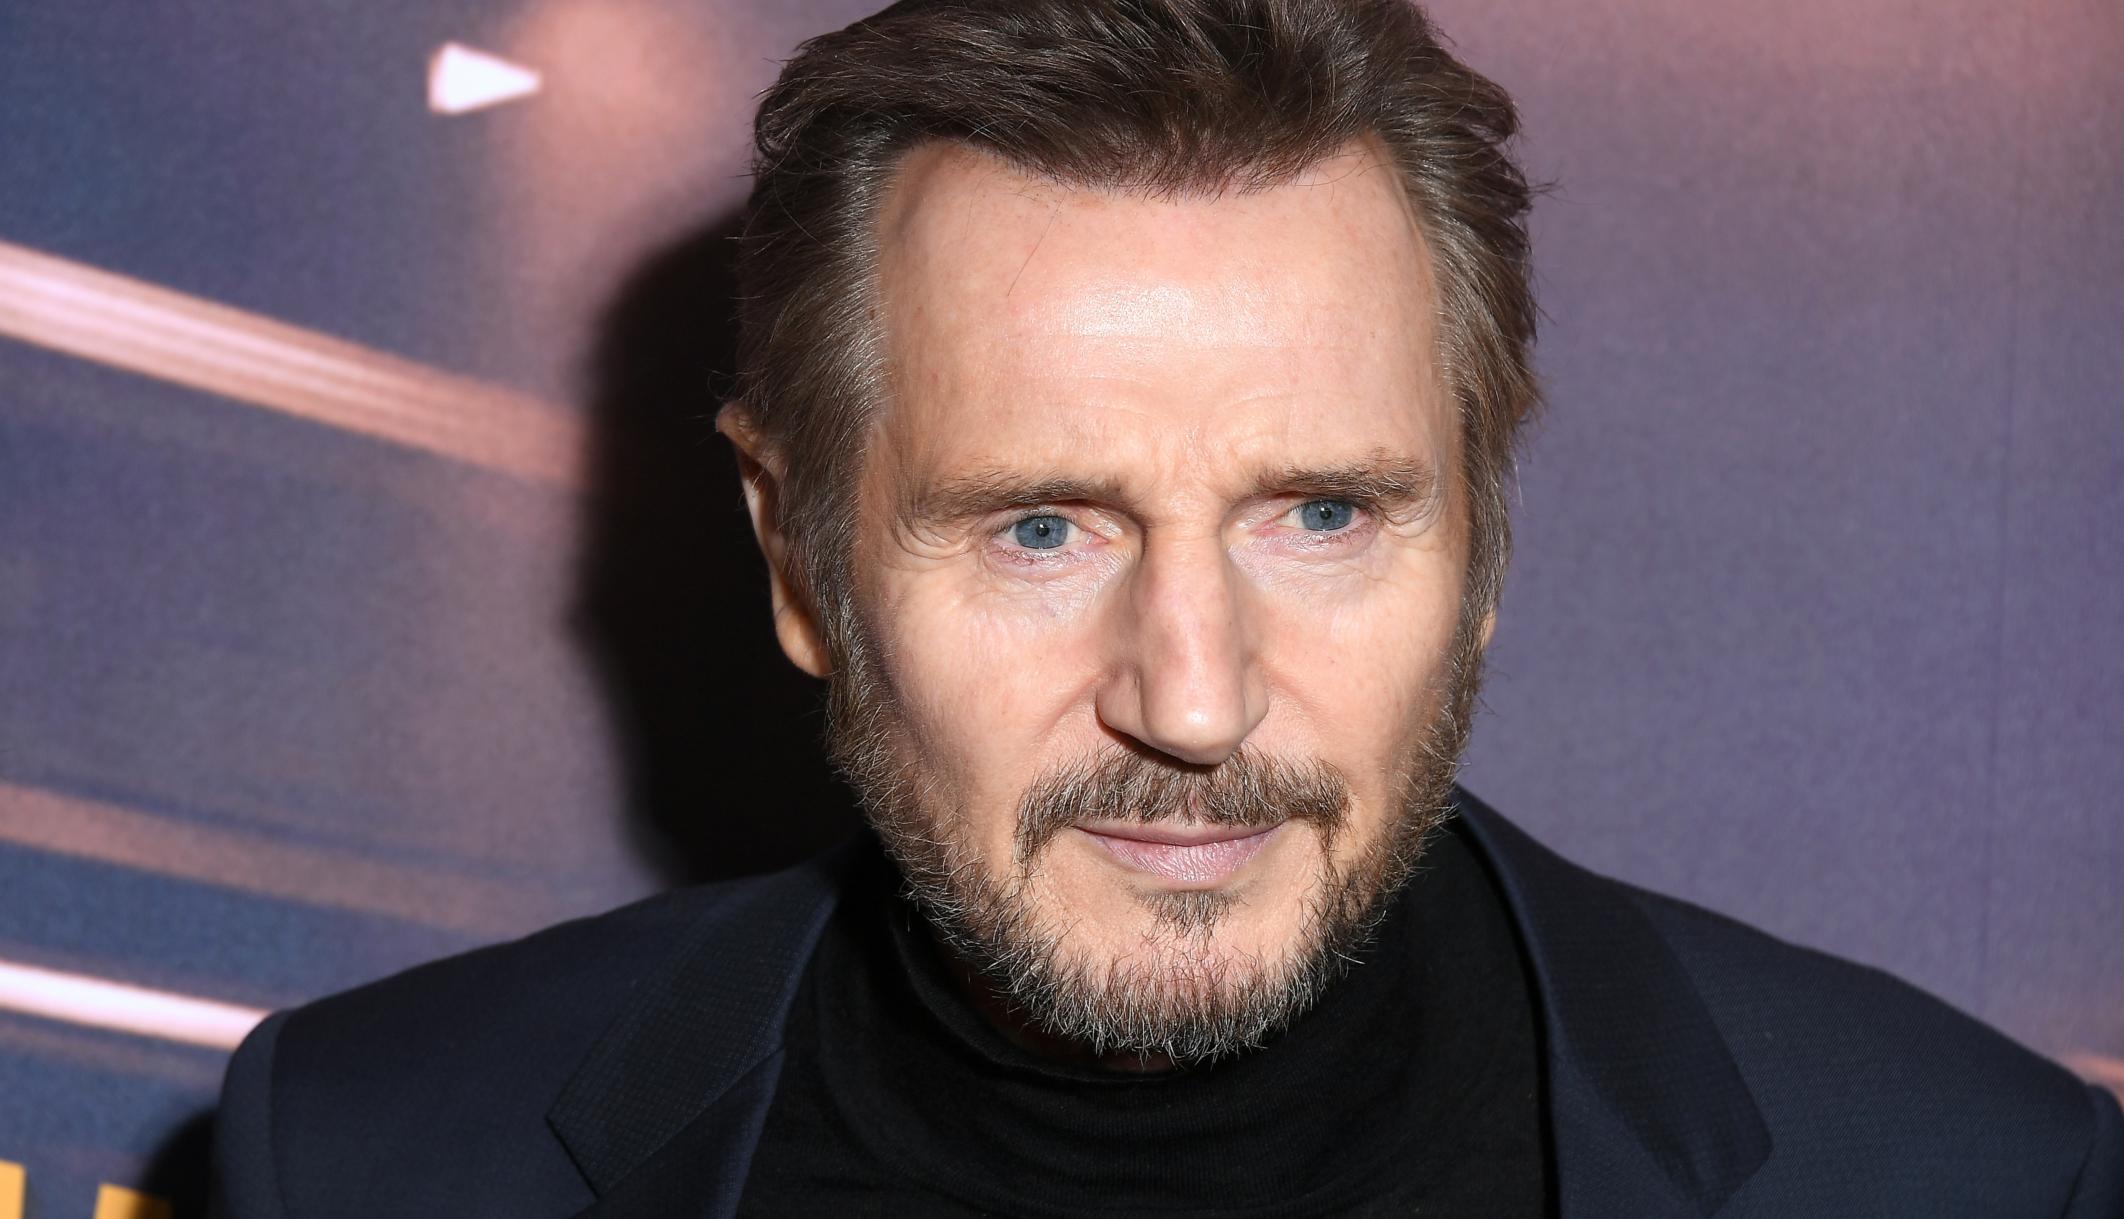 El sobrino de Liam Neeson muere de lesiones en la cabeza 10 años después de que el actor perdiera a su esposa Natasha Richardson de manera similar